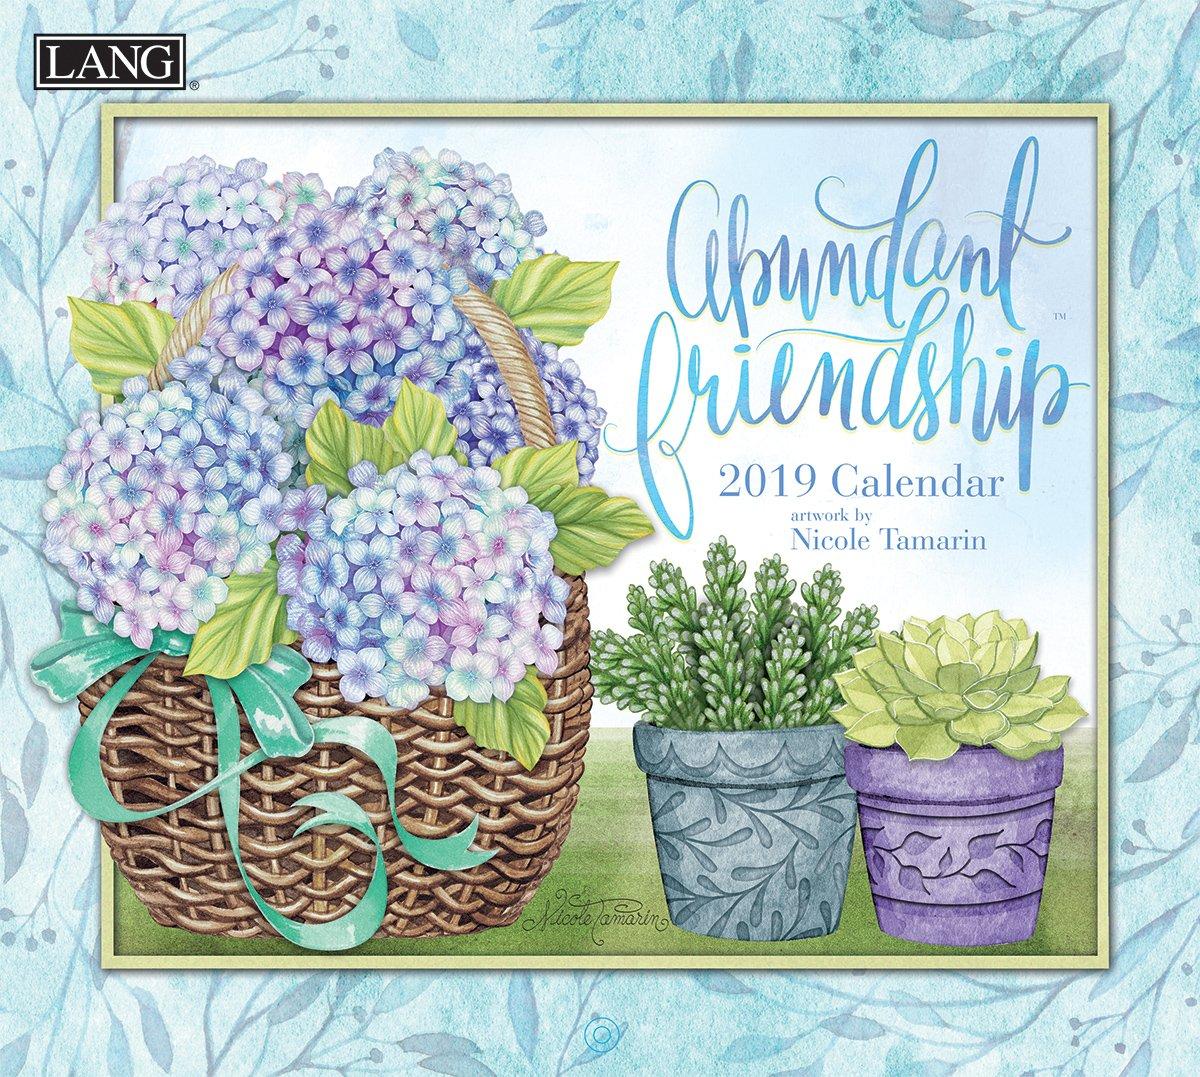 Lang Abundant Friendship 2019 Wall Calendar Office Wall Calendar (19991002005)